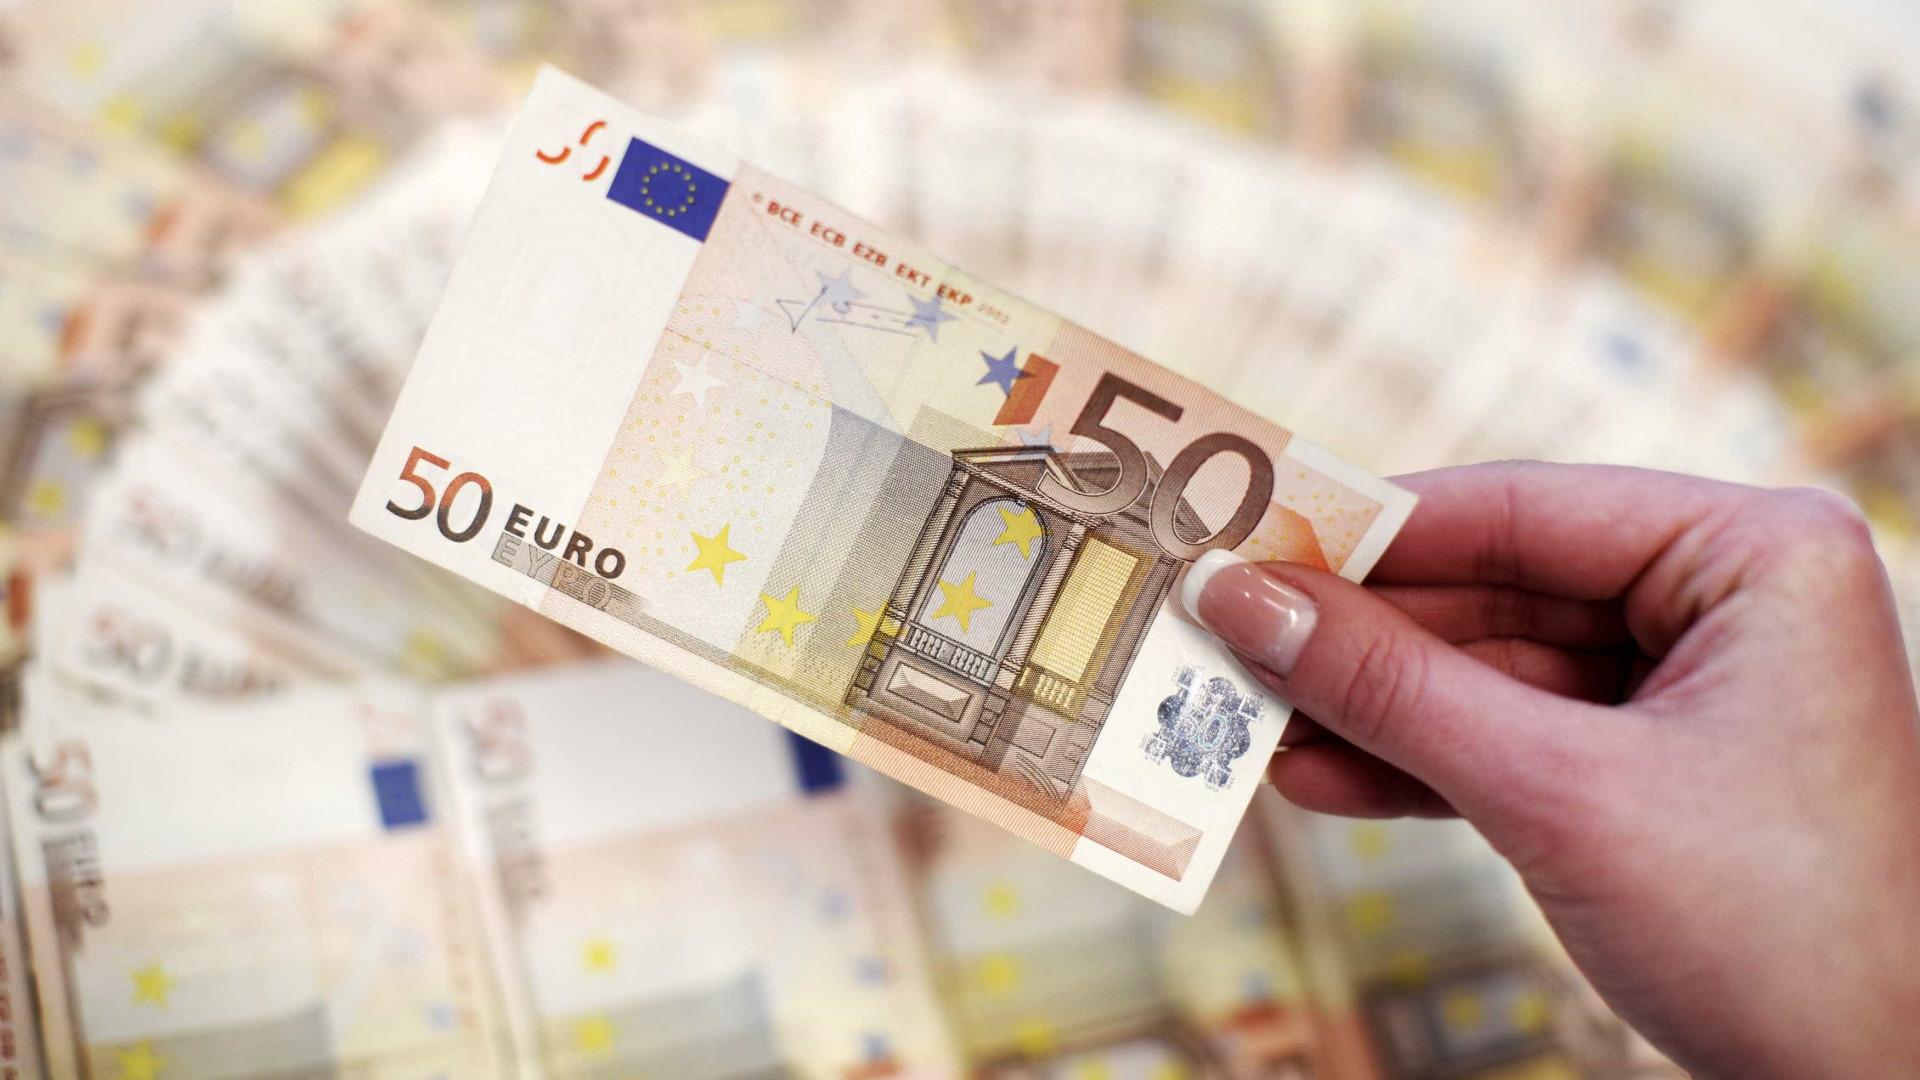 Produção de seguros em Portugal aumenta 5,9%